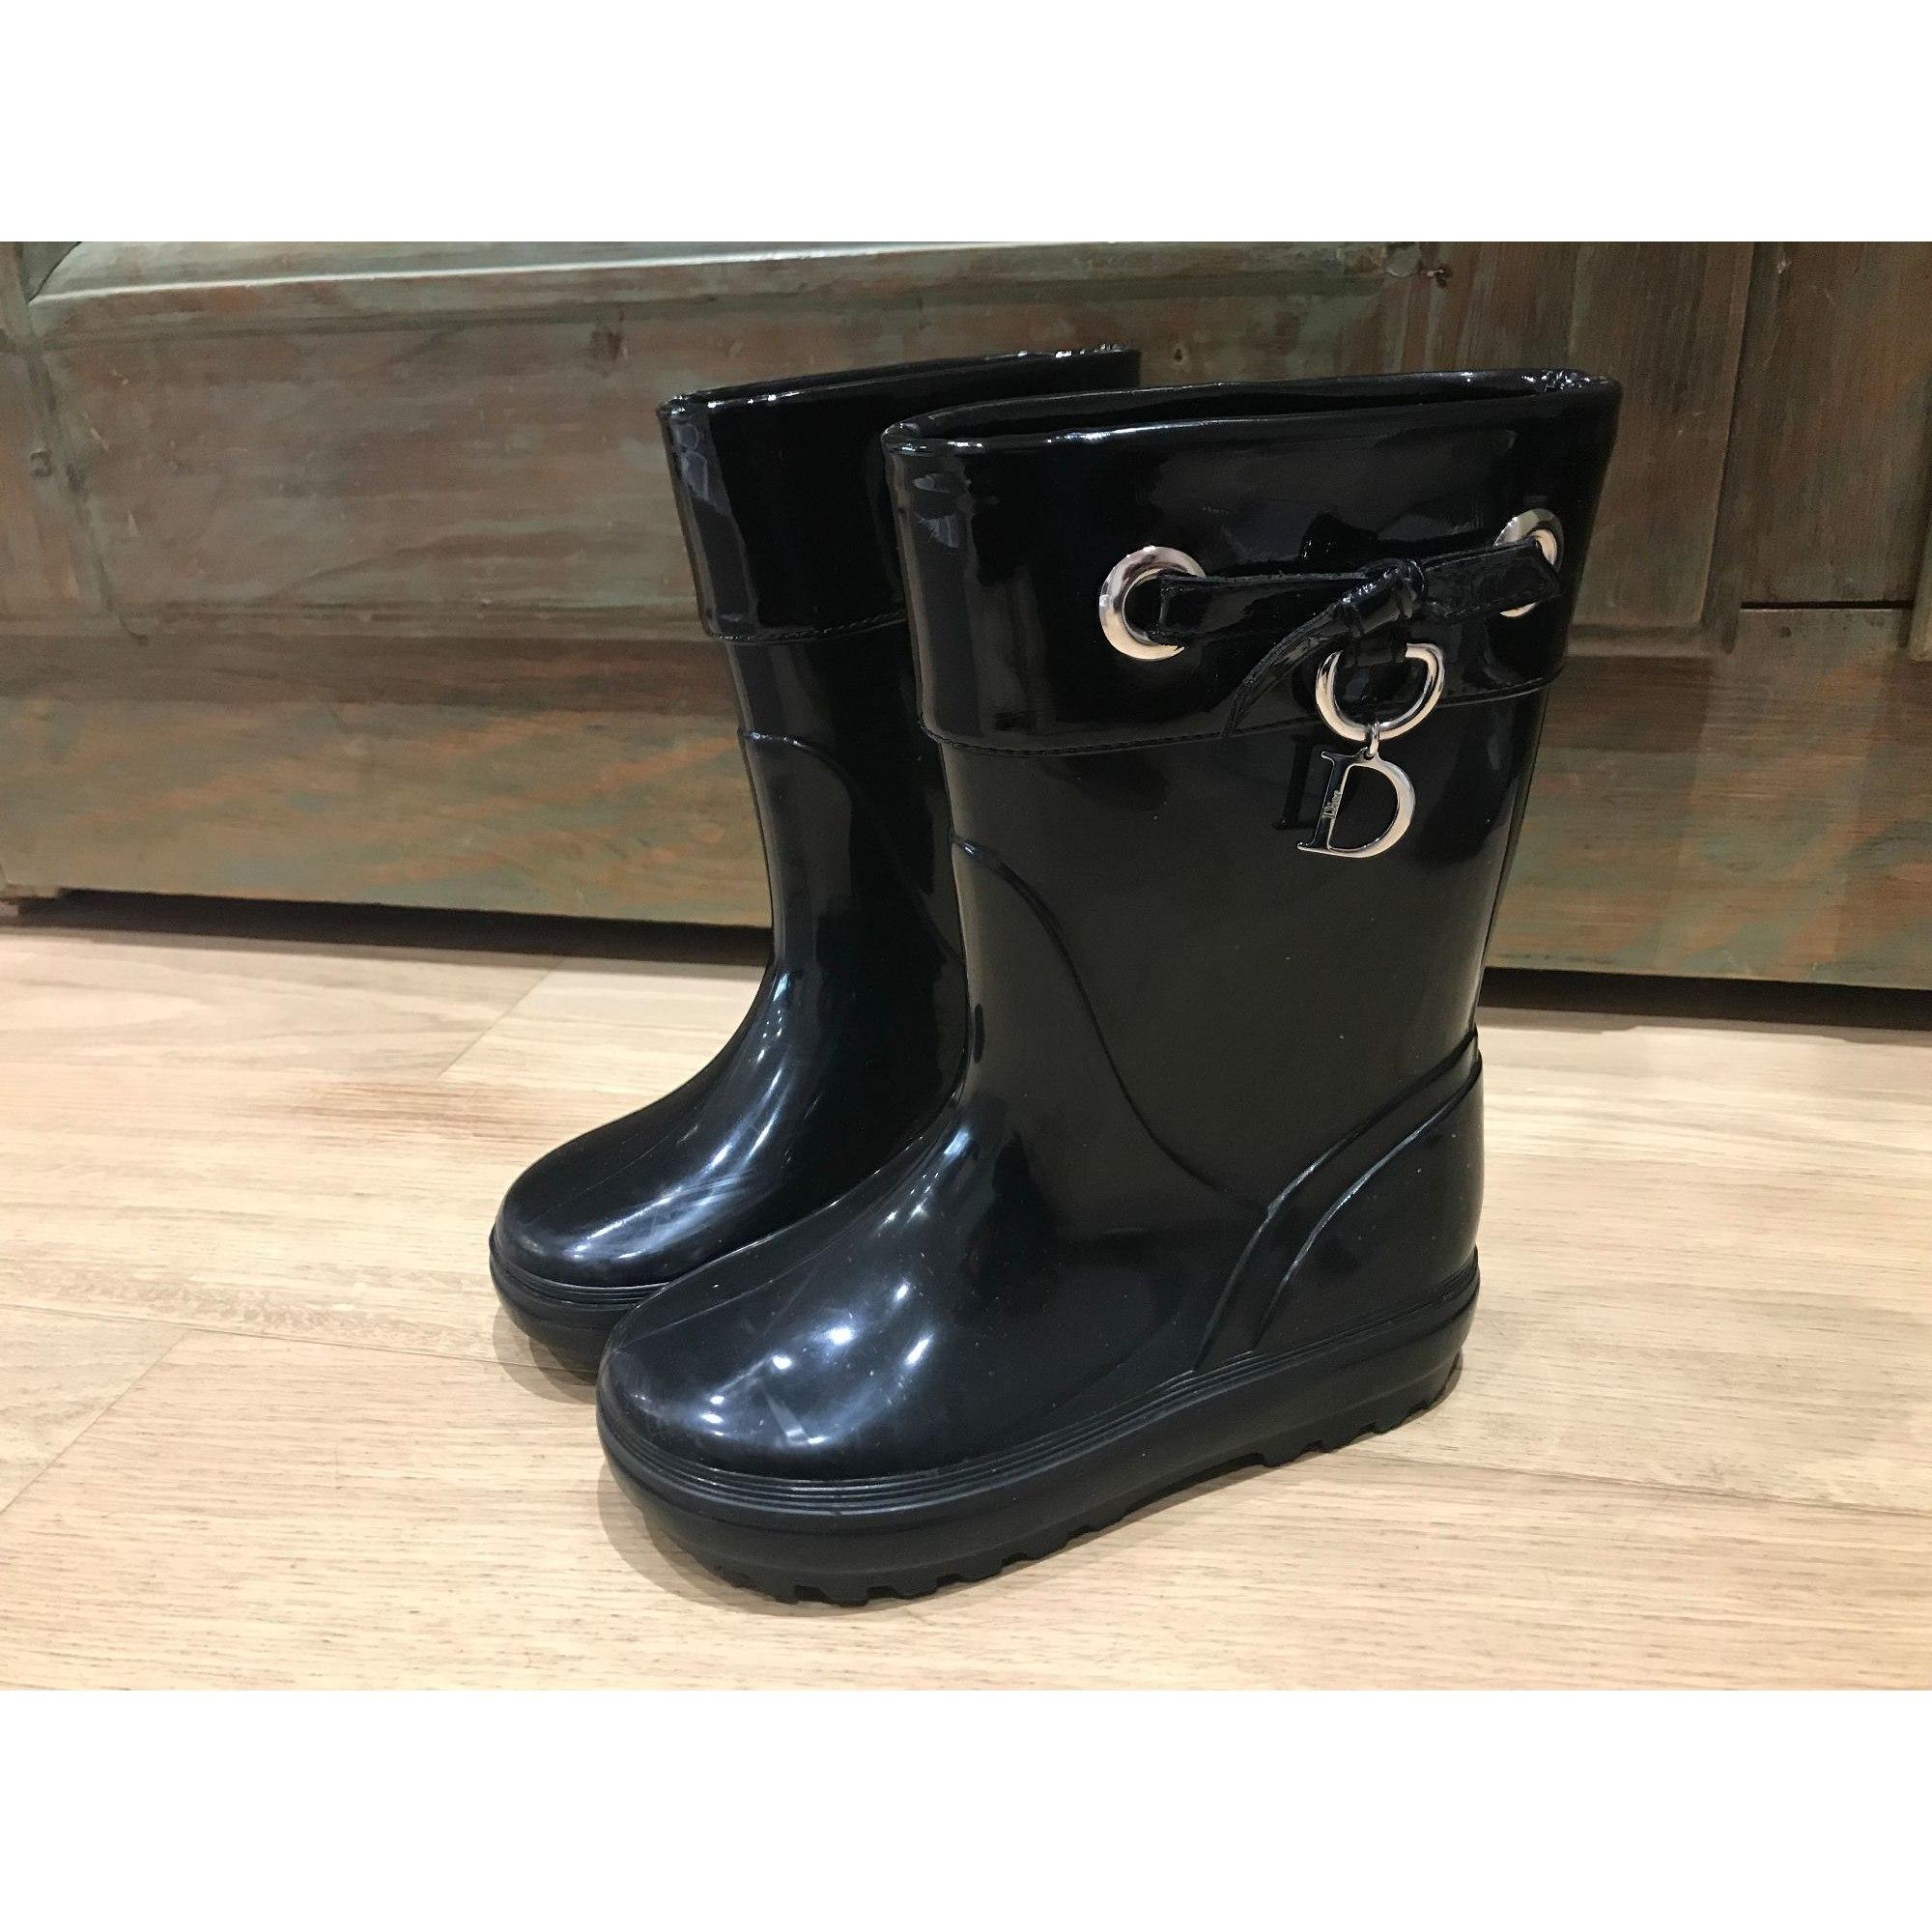 Bottes de pluie DIOR caoutchouc noir 27